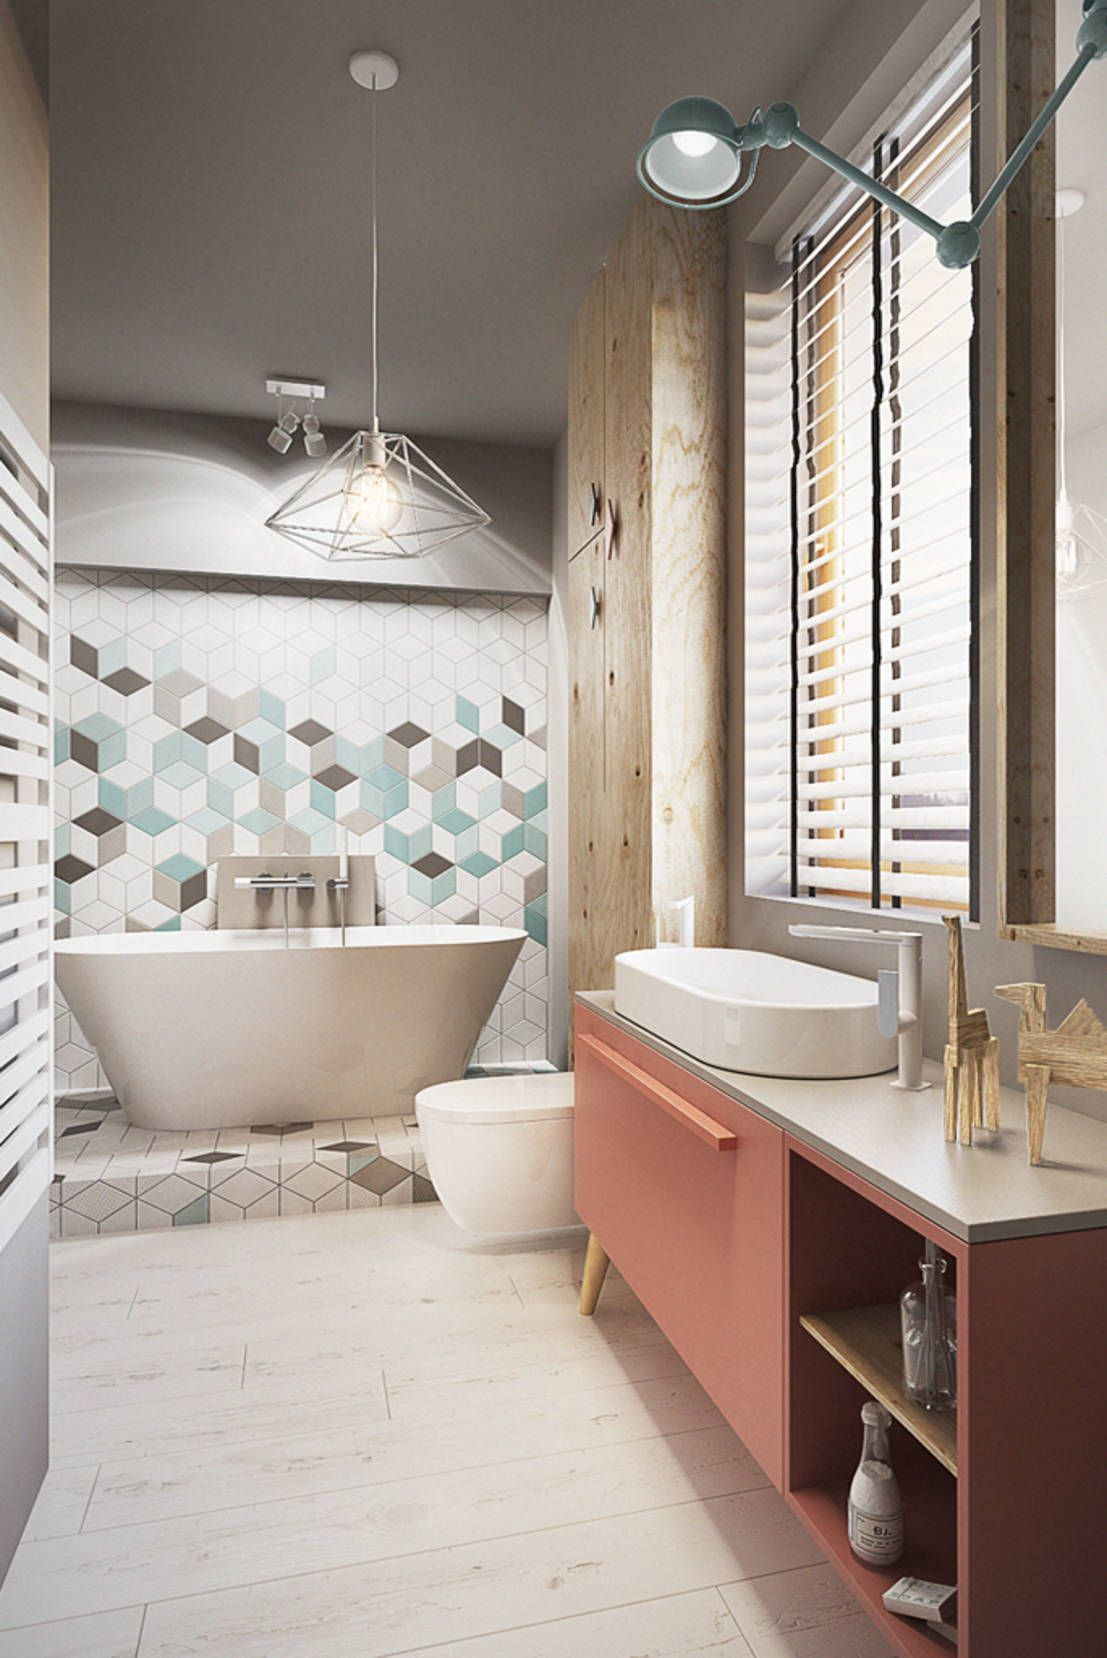 Badezimmer dekor grau azulejos inspiradores para a decoração do banheiro